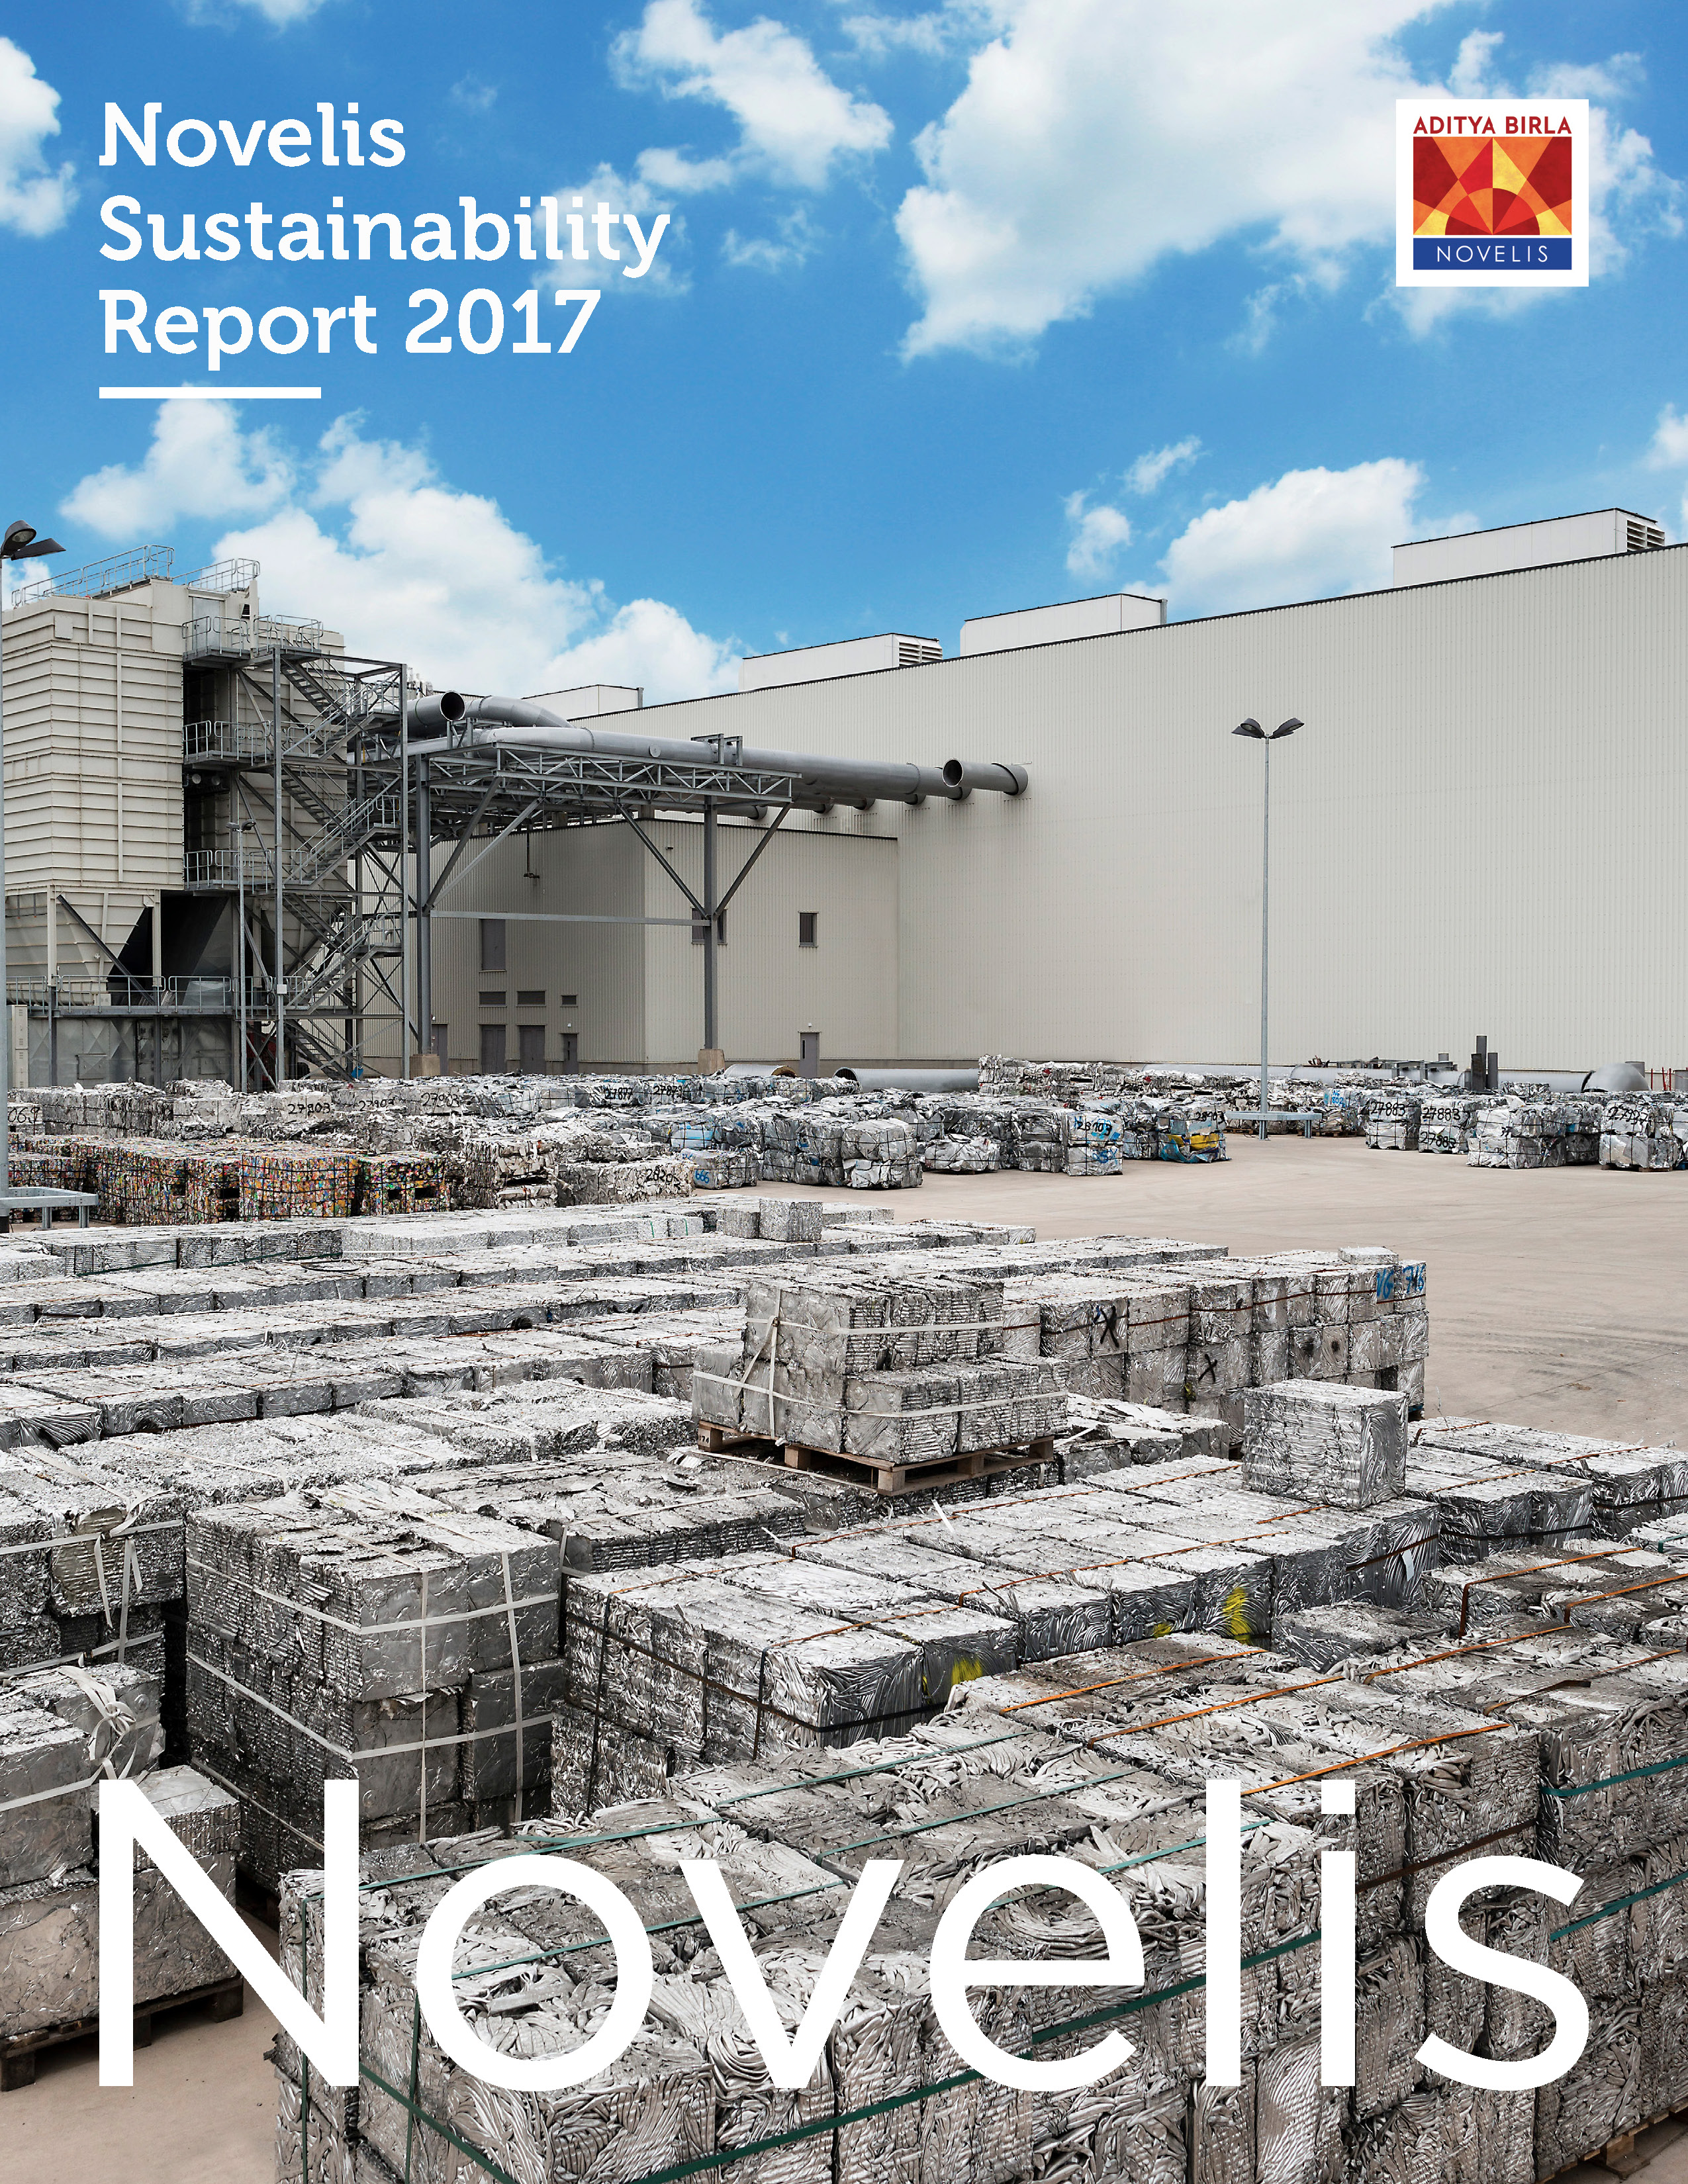 Novelis sustainability report